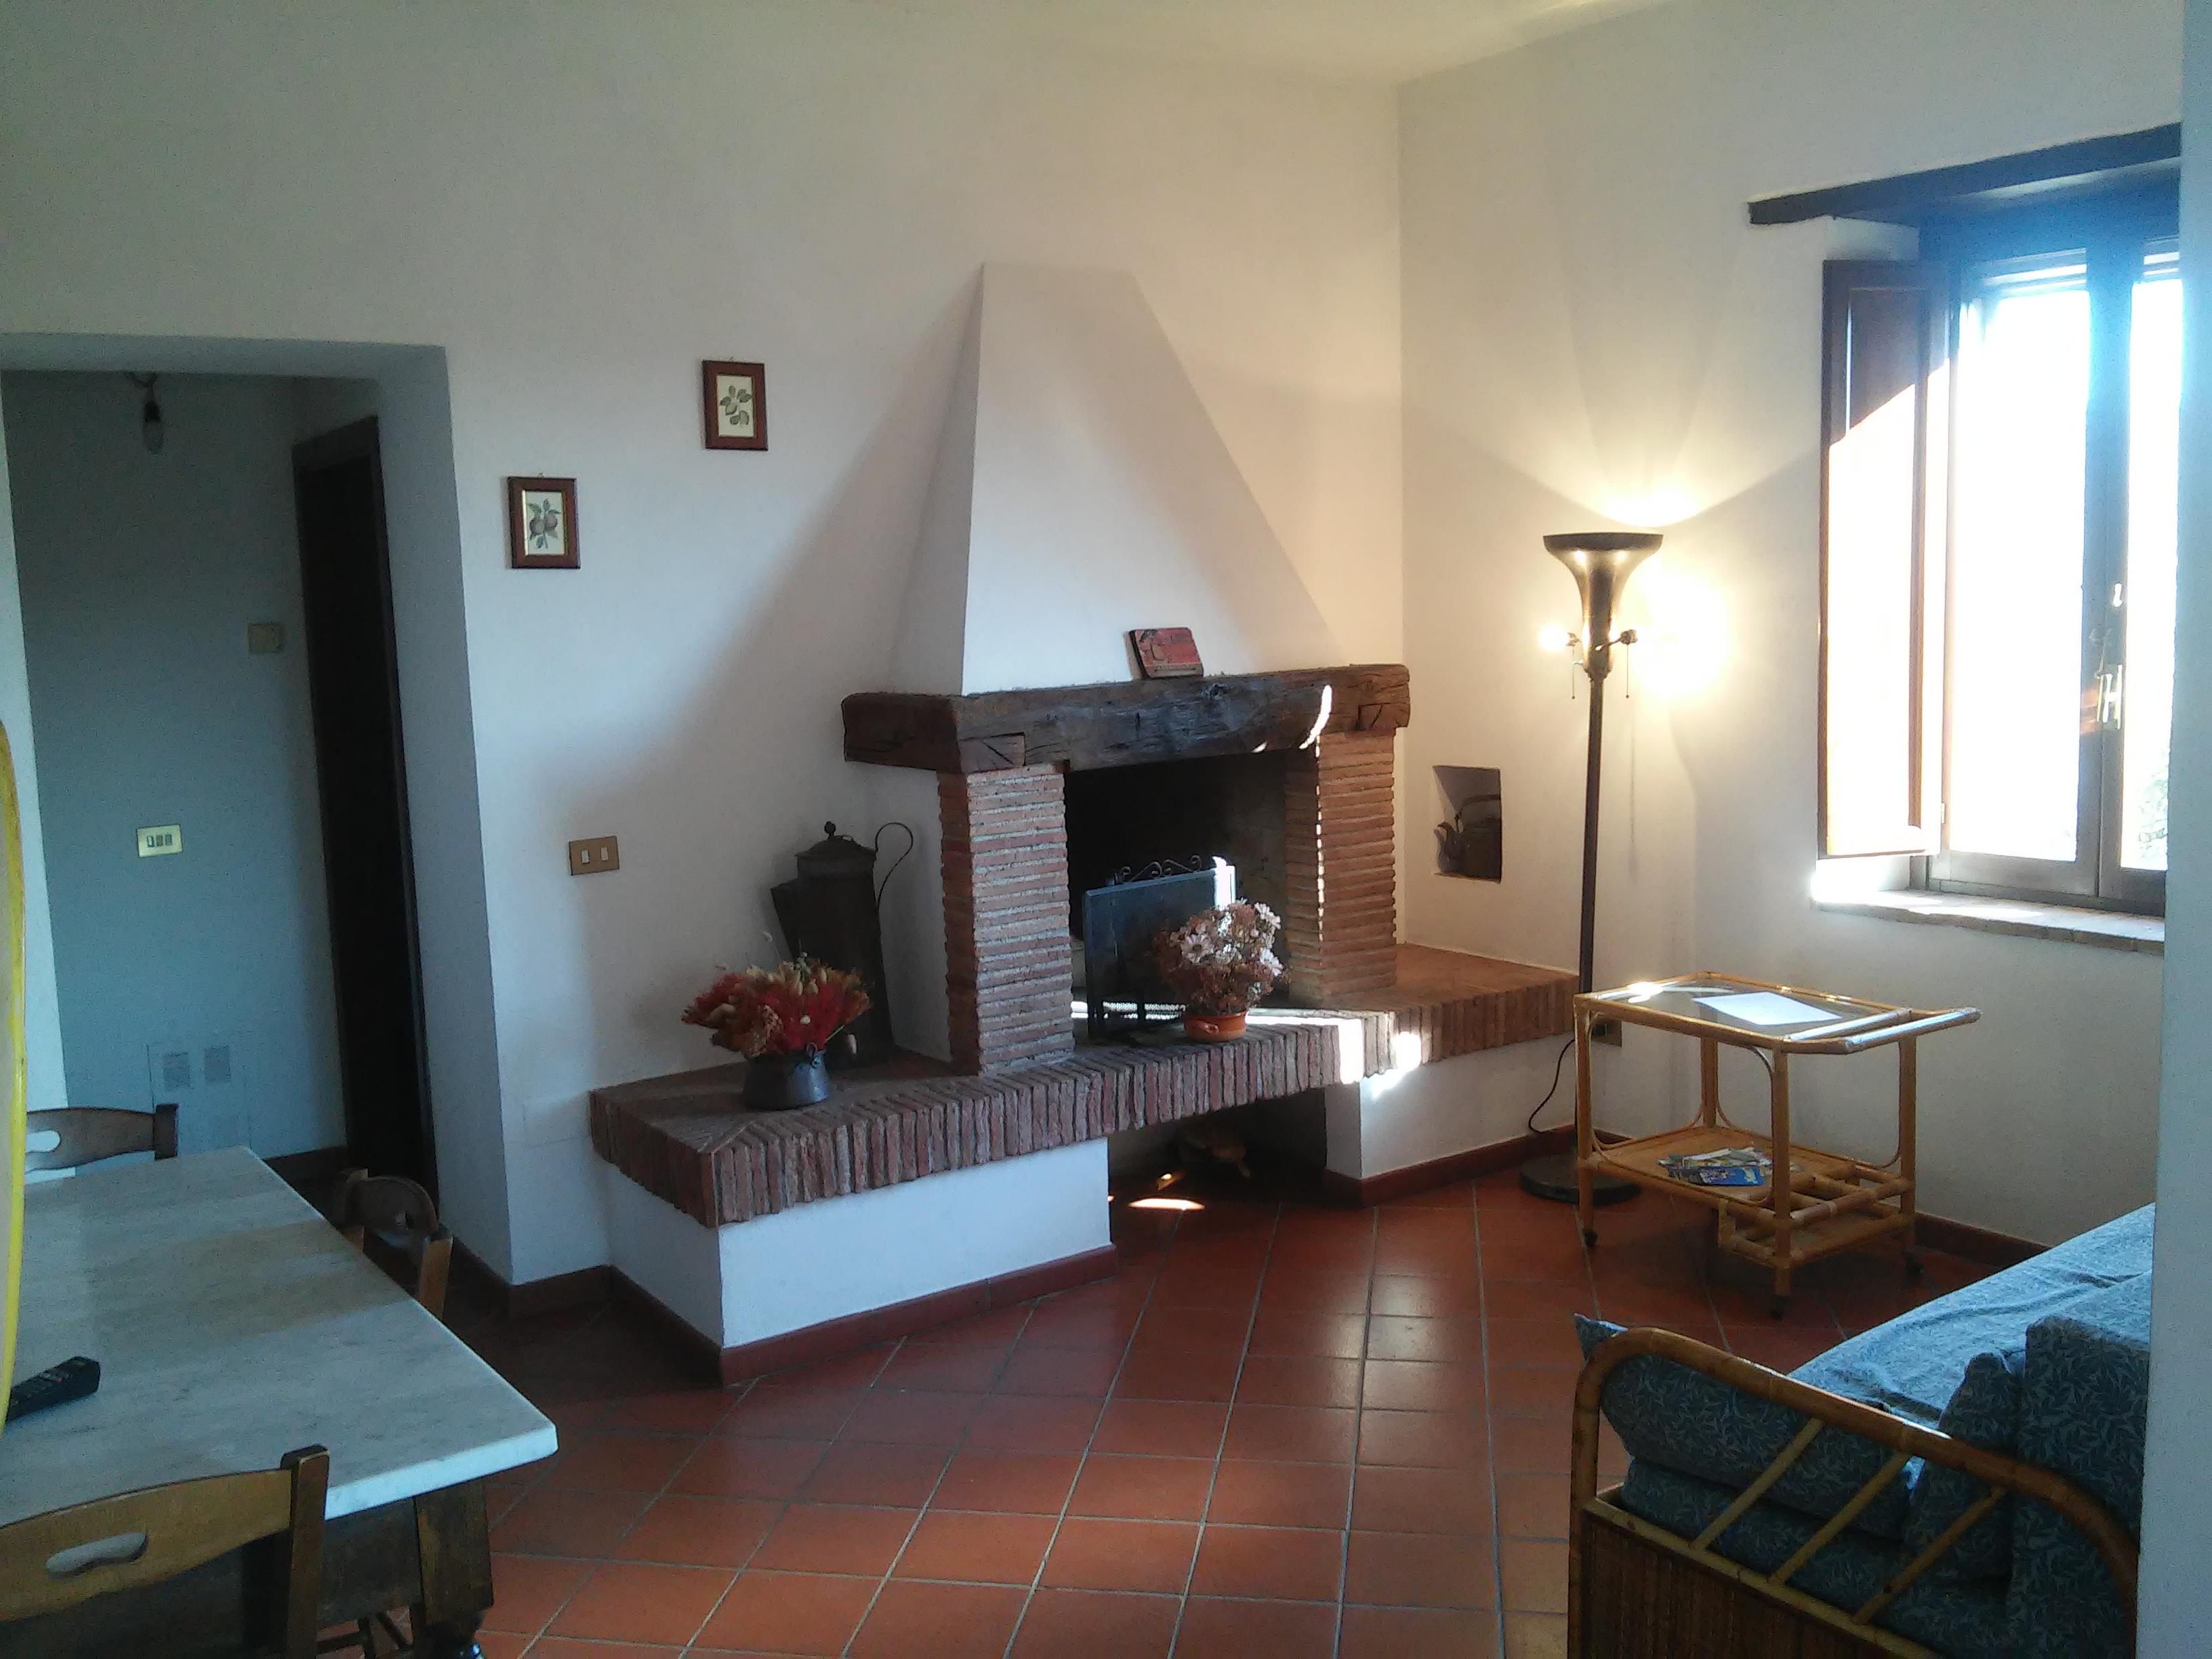 Cucine A Vista Sul Soggiorno. Good Cucine A Vista Sul Soggiorno With ...